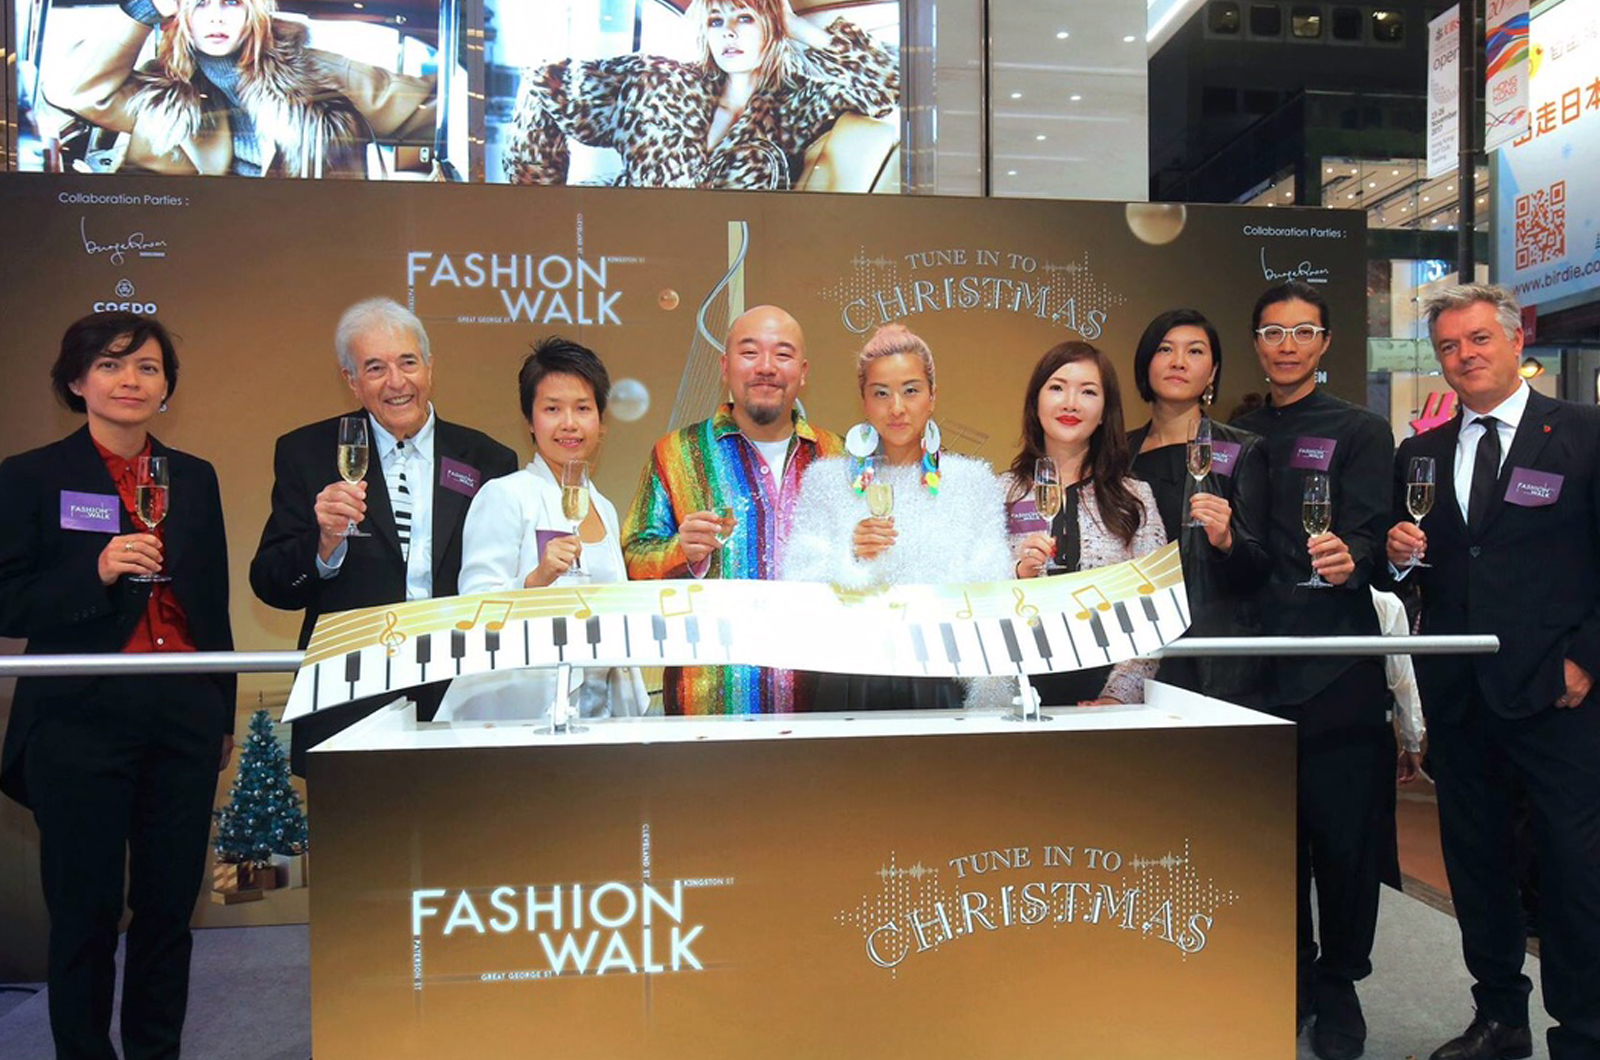 Big Piano on Fashion Walk_Hong Kong_Remo Saraceni